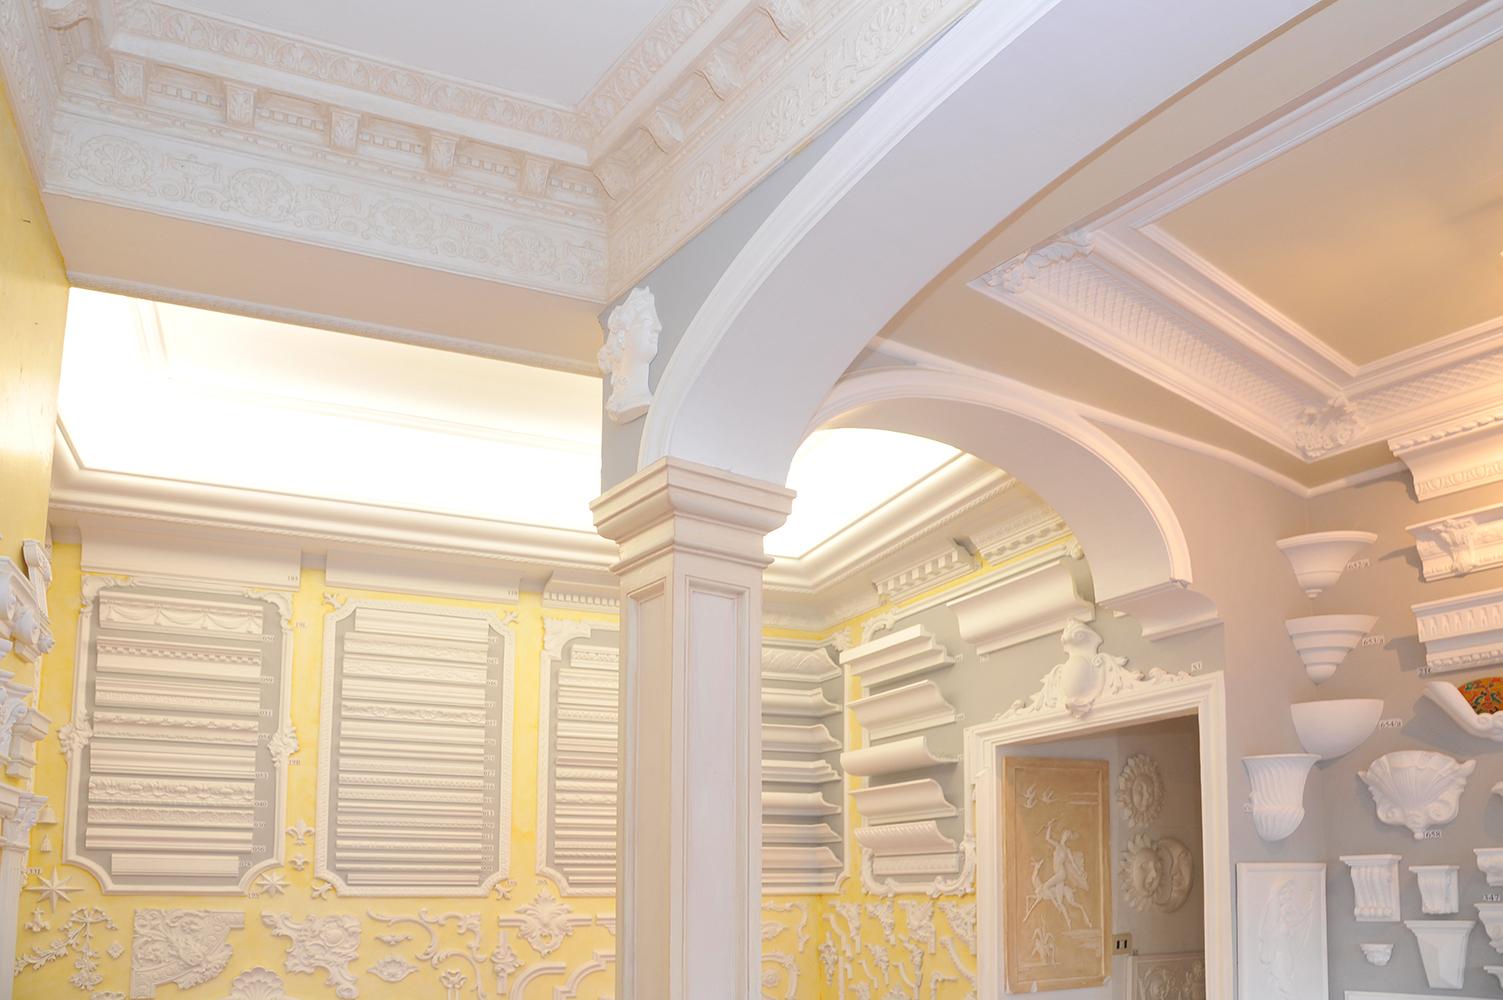 Stucchi in gesso per interni vn63 regardsdefemmes - Decori in gesso per interni ...